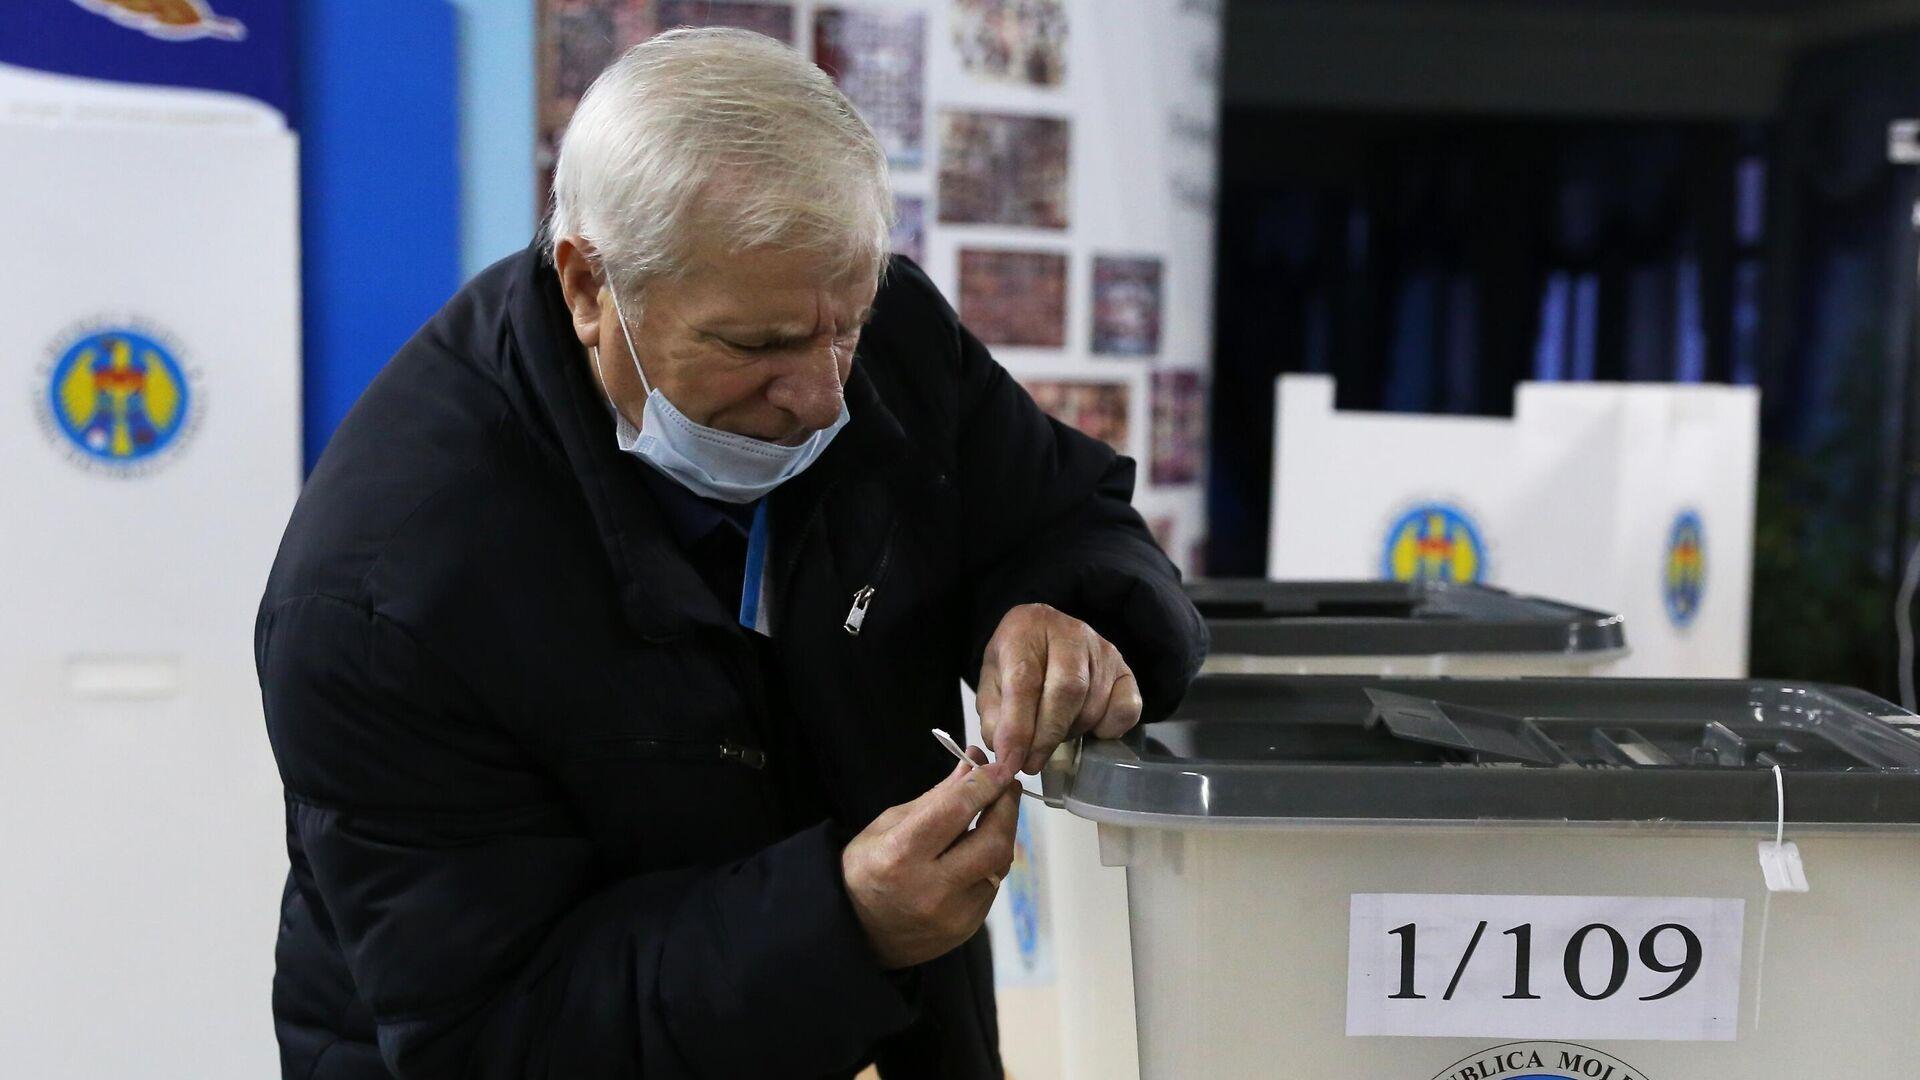 Член избирательной комиссии пломбирует избирательную урну на избирательном участке в Кишиневе - РИА Новости, 1920, 15.11.2020